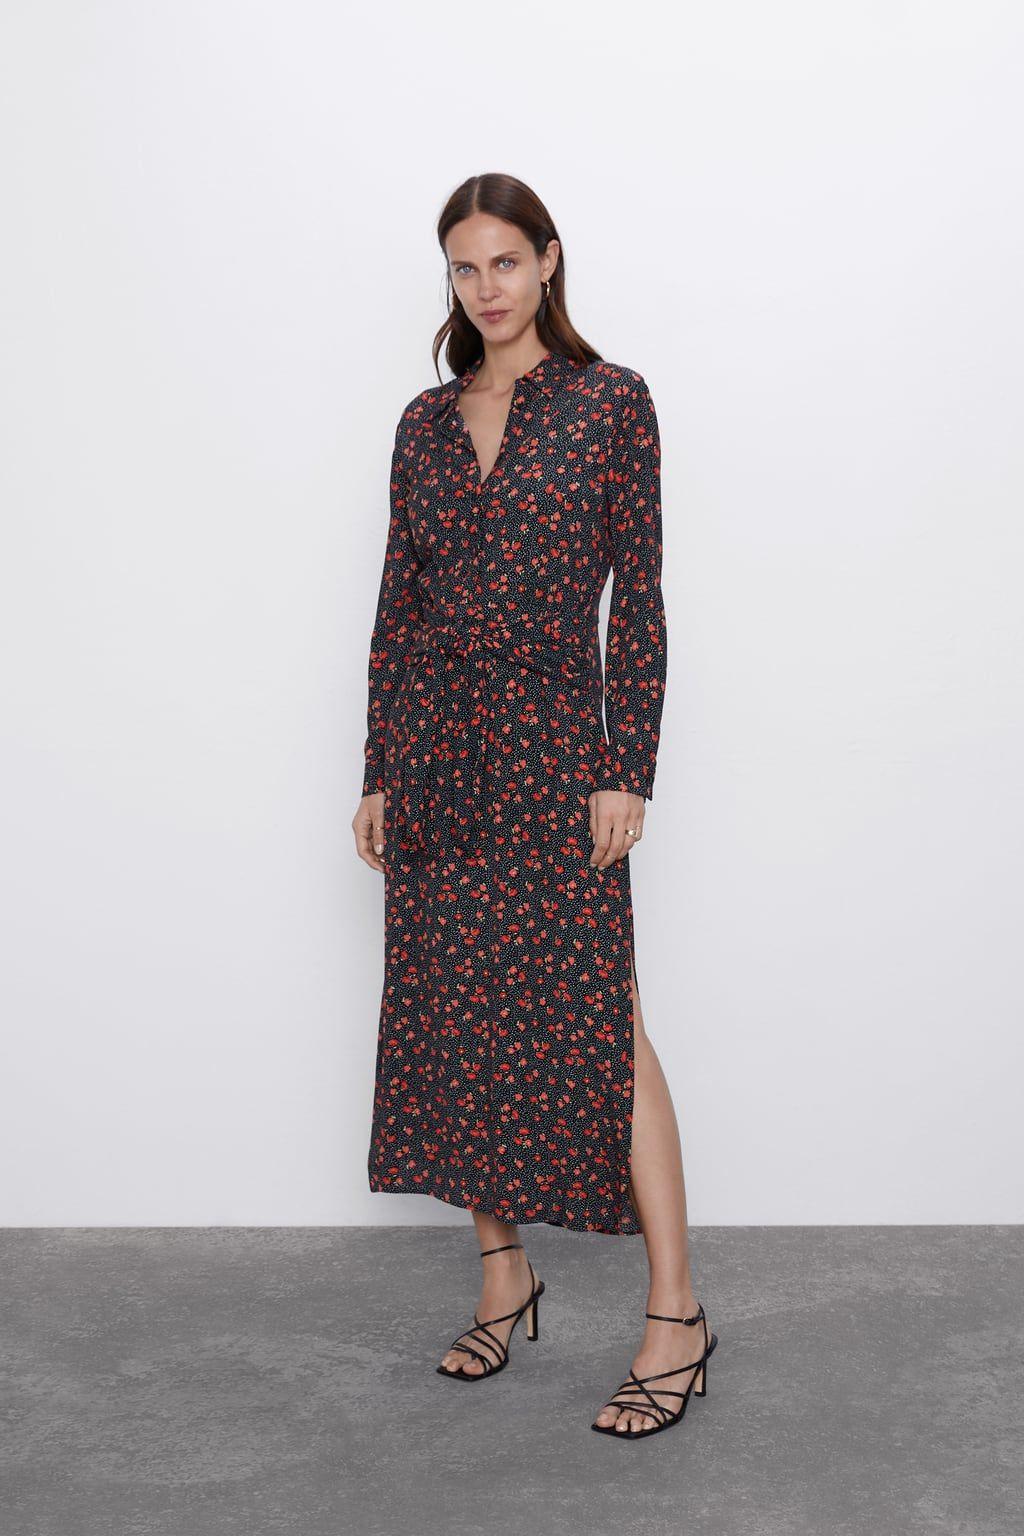 Camisero Su Cambia Famoso Vestido Zara Diseño De DeW2bEH9IY